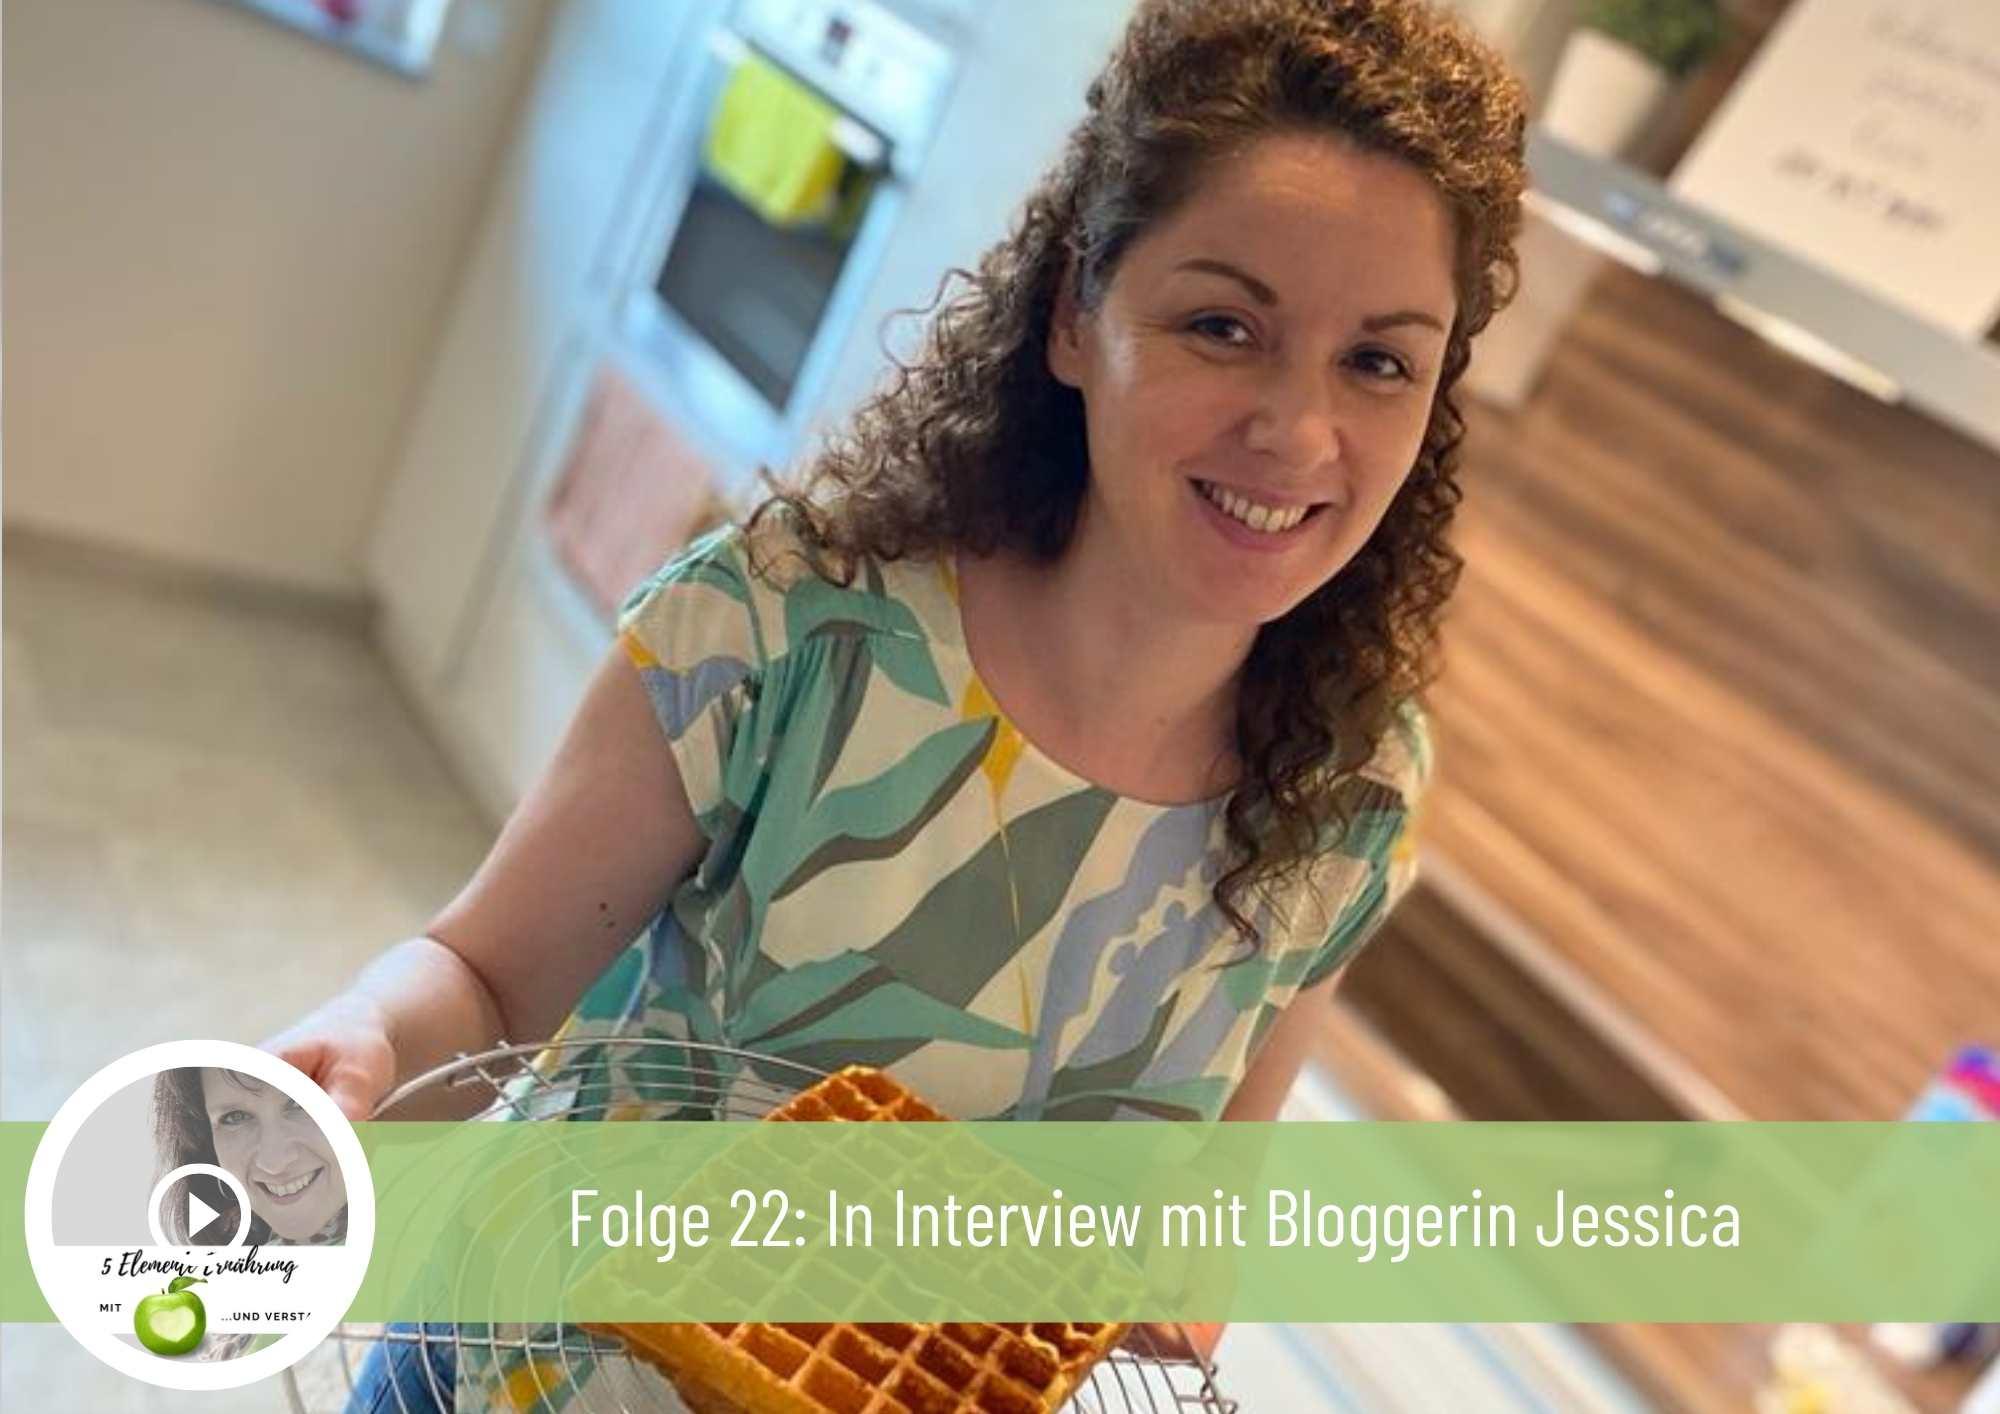 Logo eattolerant grüne Schrift braune Schrift auf Löffeln und grünes Blatt